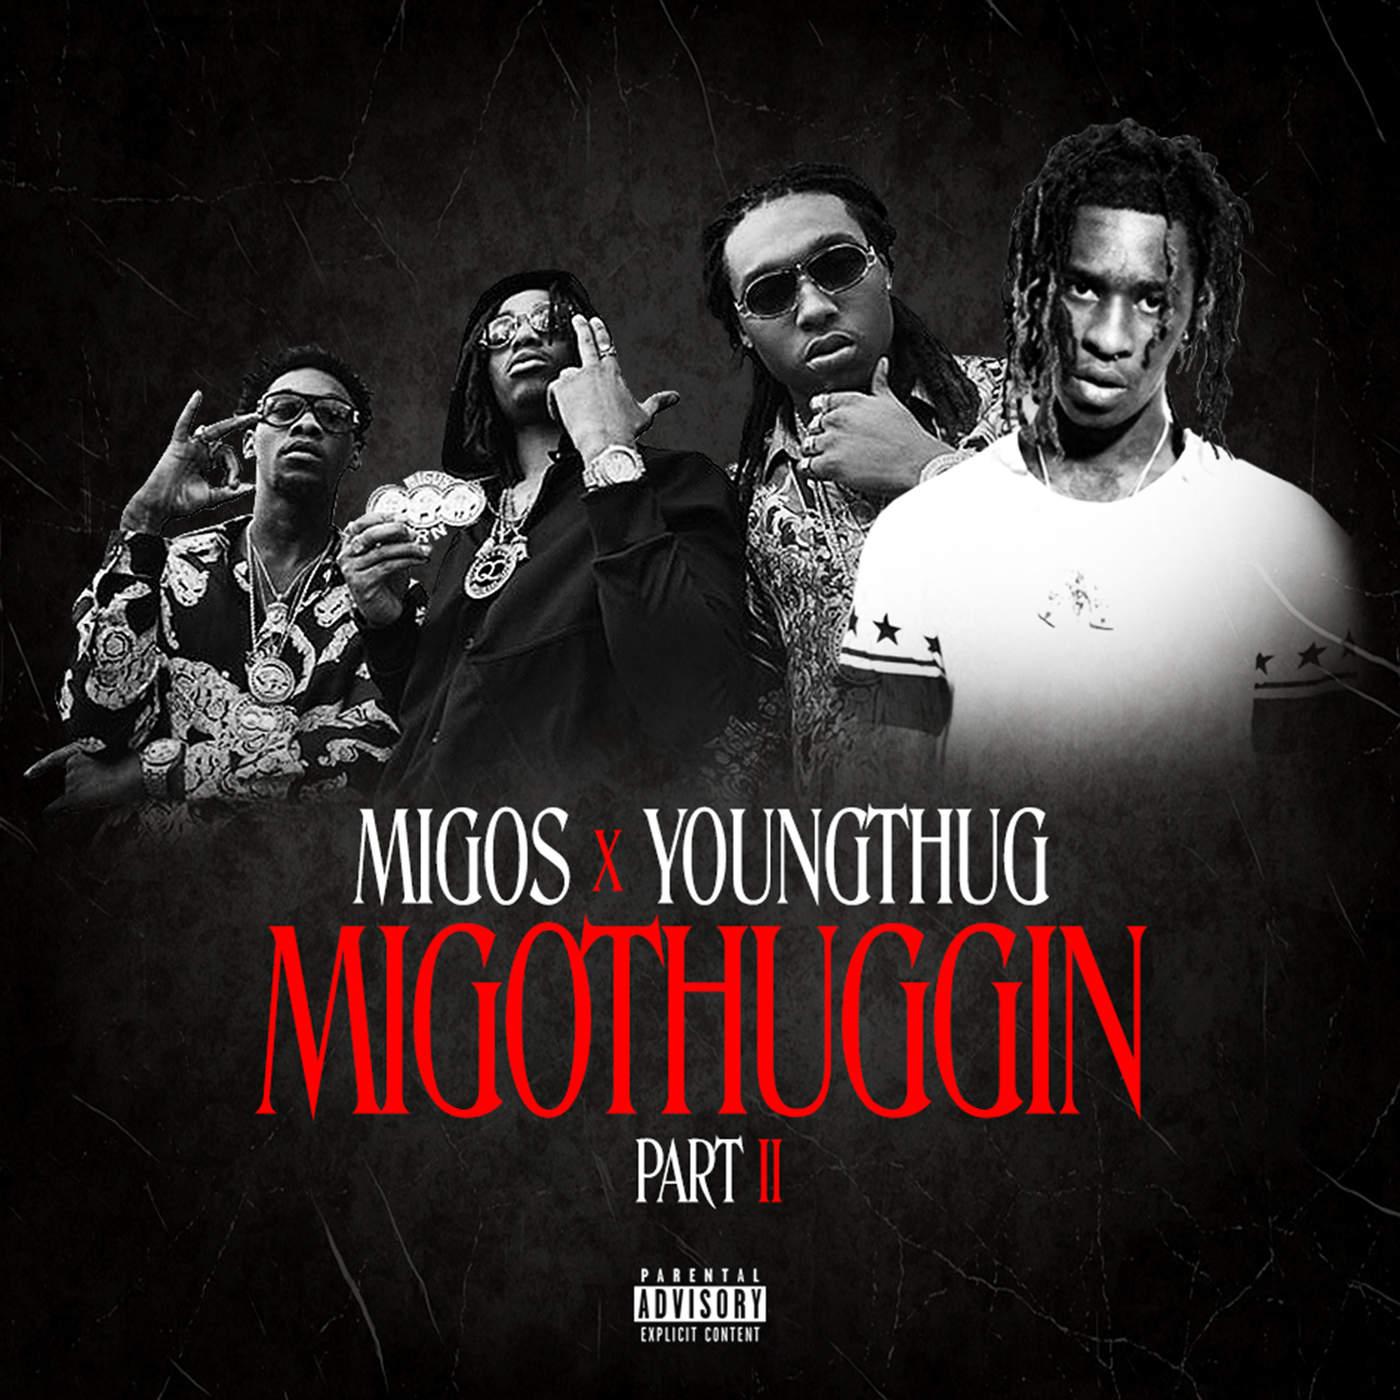 Young Thug & Migos - MigoThuggin, Pt. 2 Cover